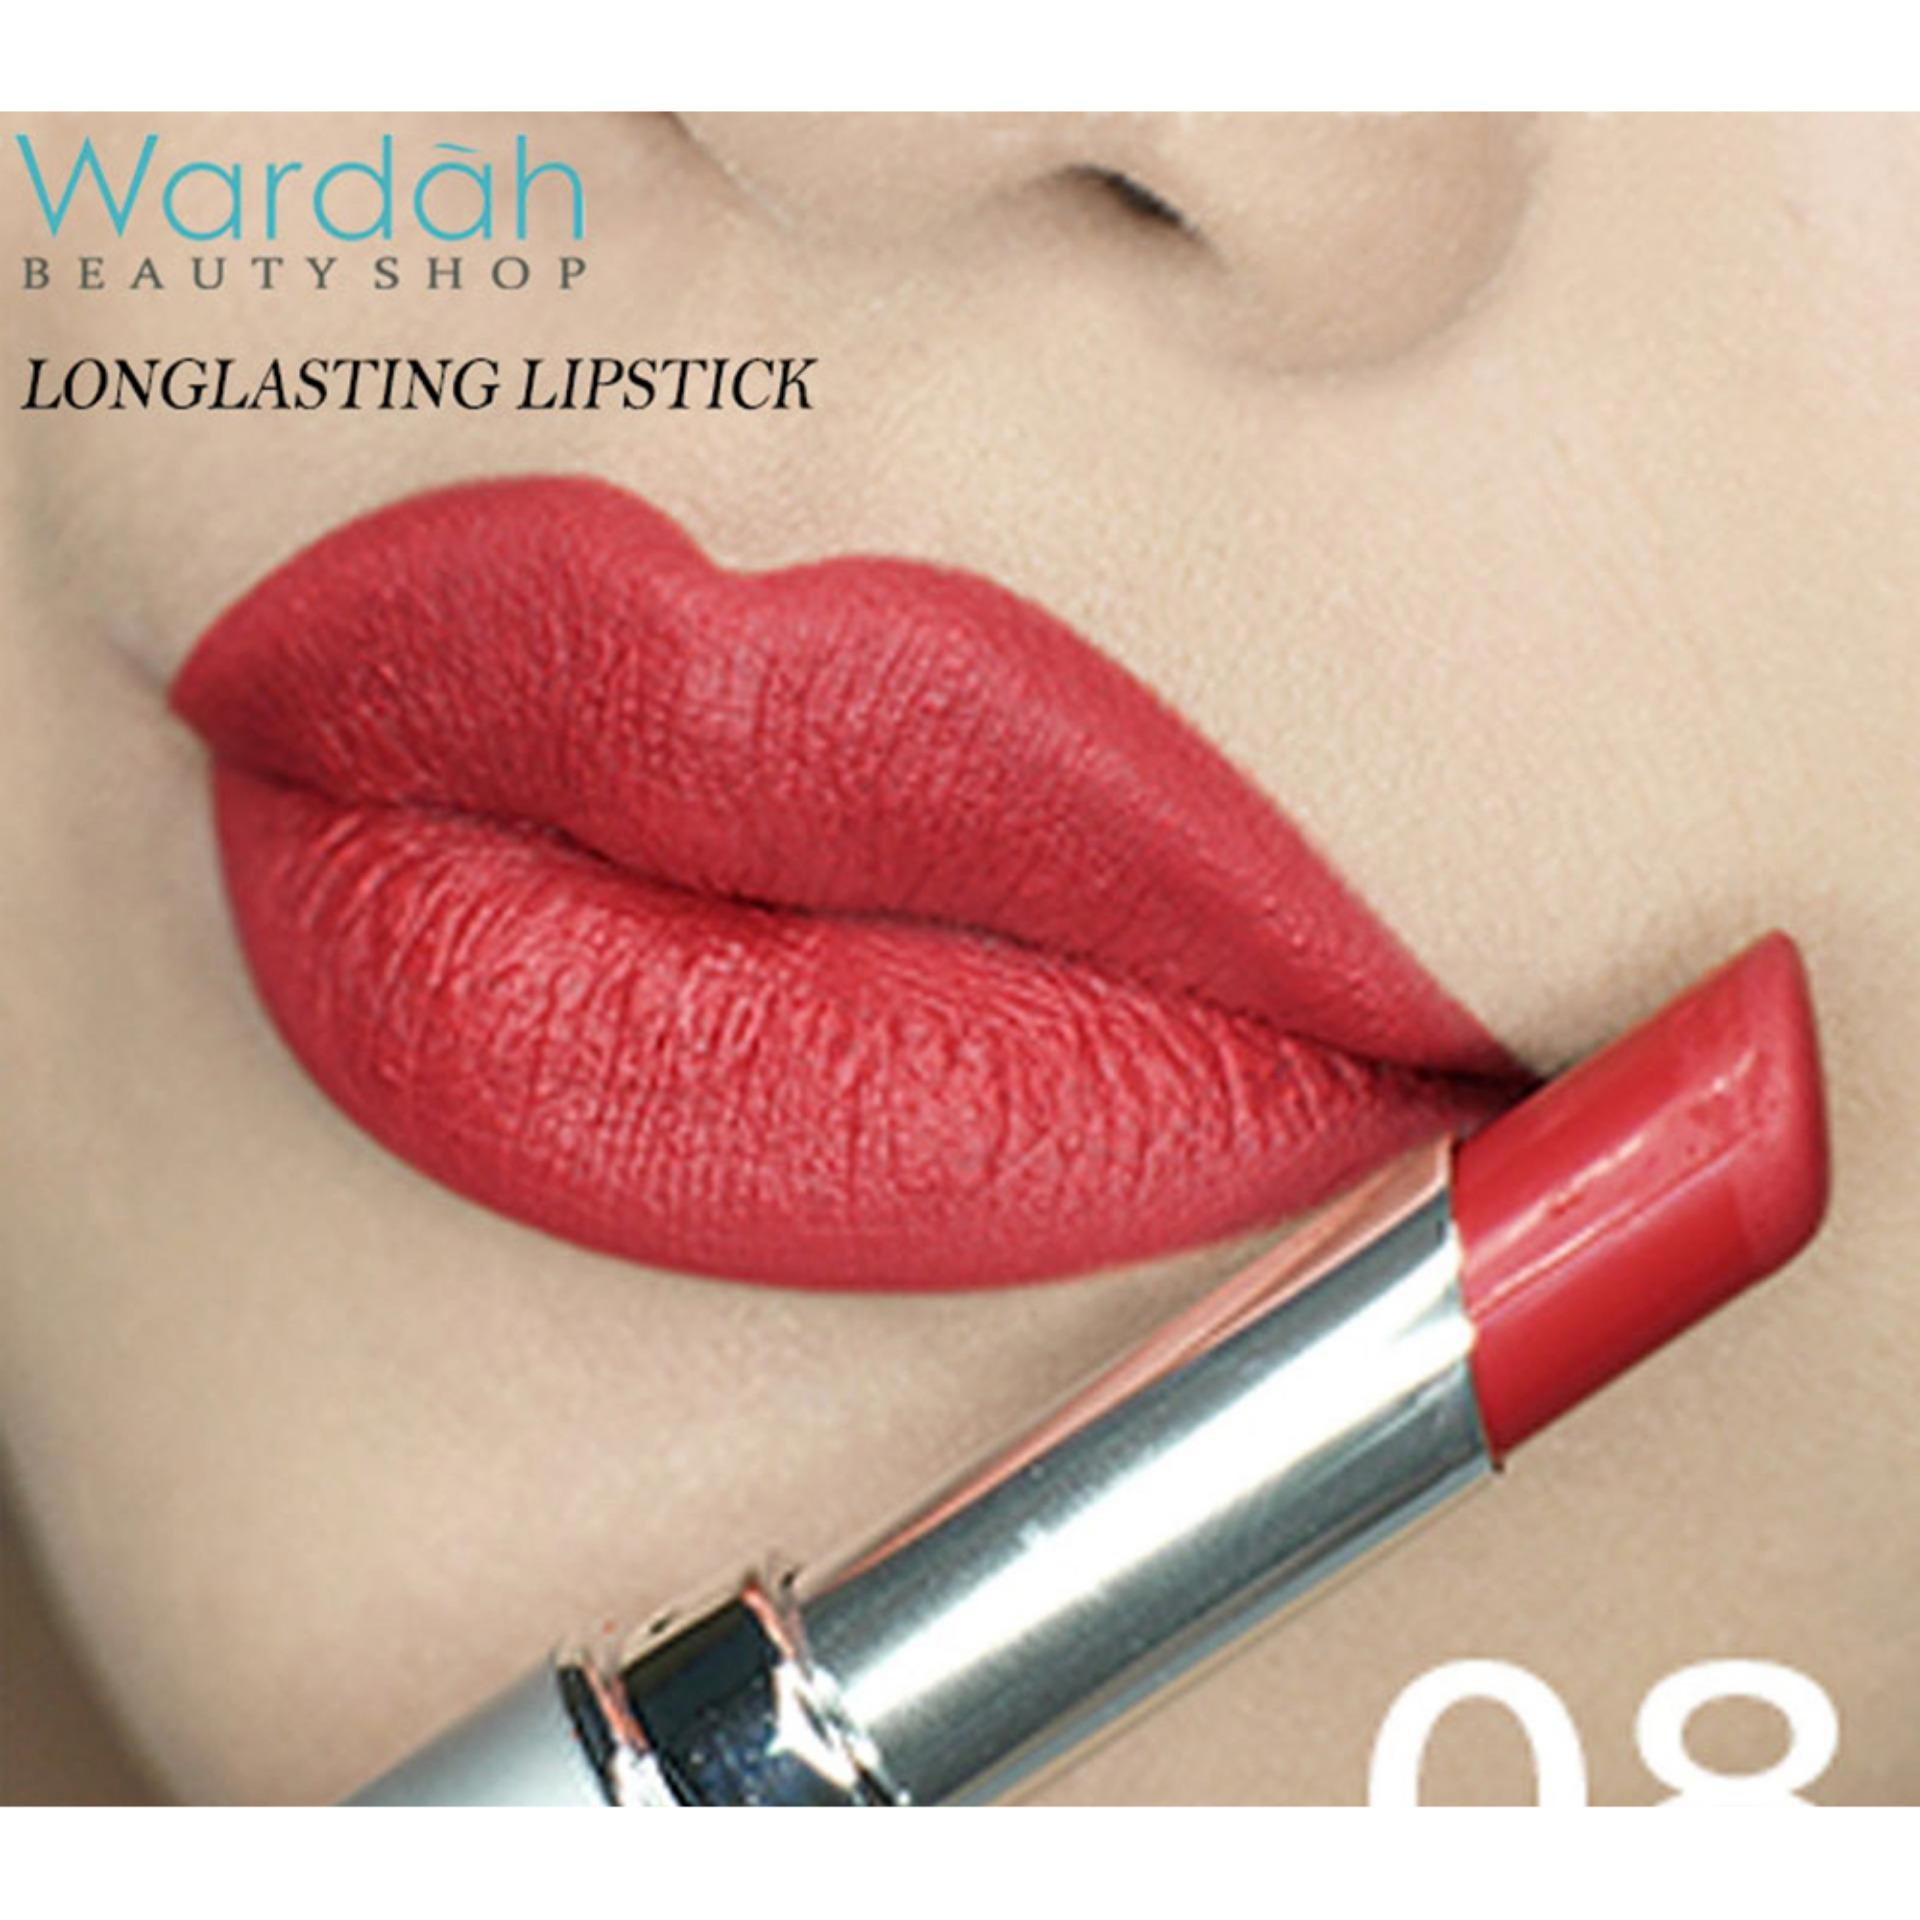 Wardah Longlasting Lipstick (08 Red Velvet) - Lipstick Matte